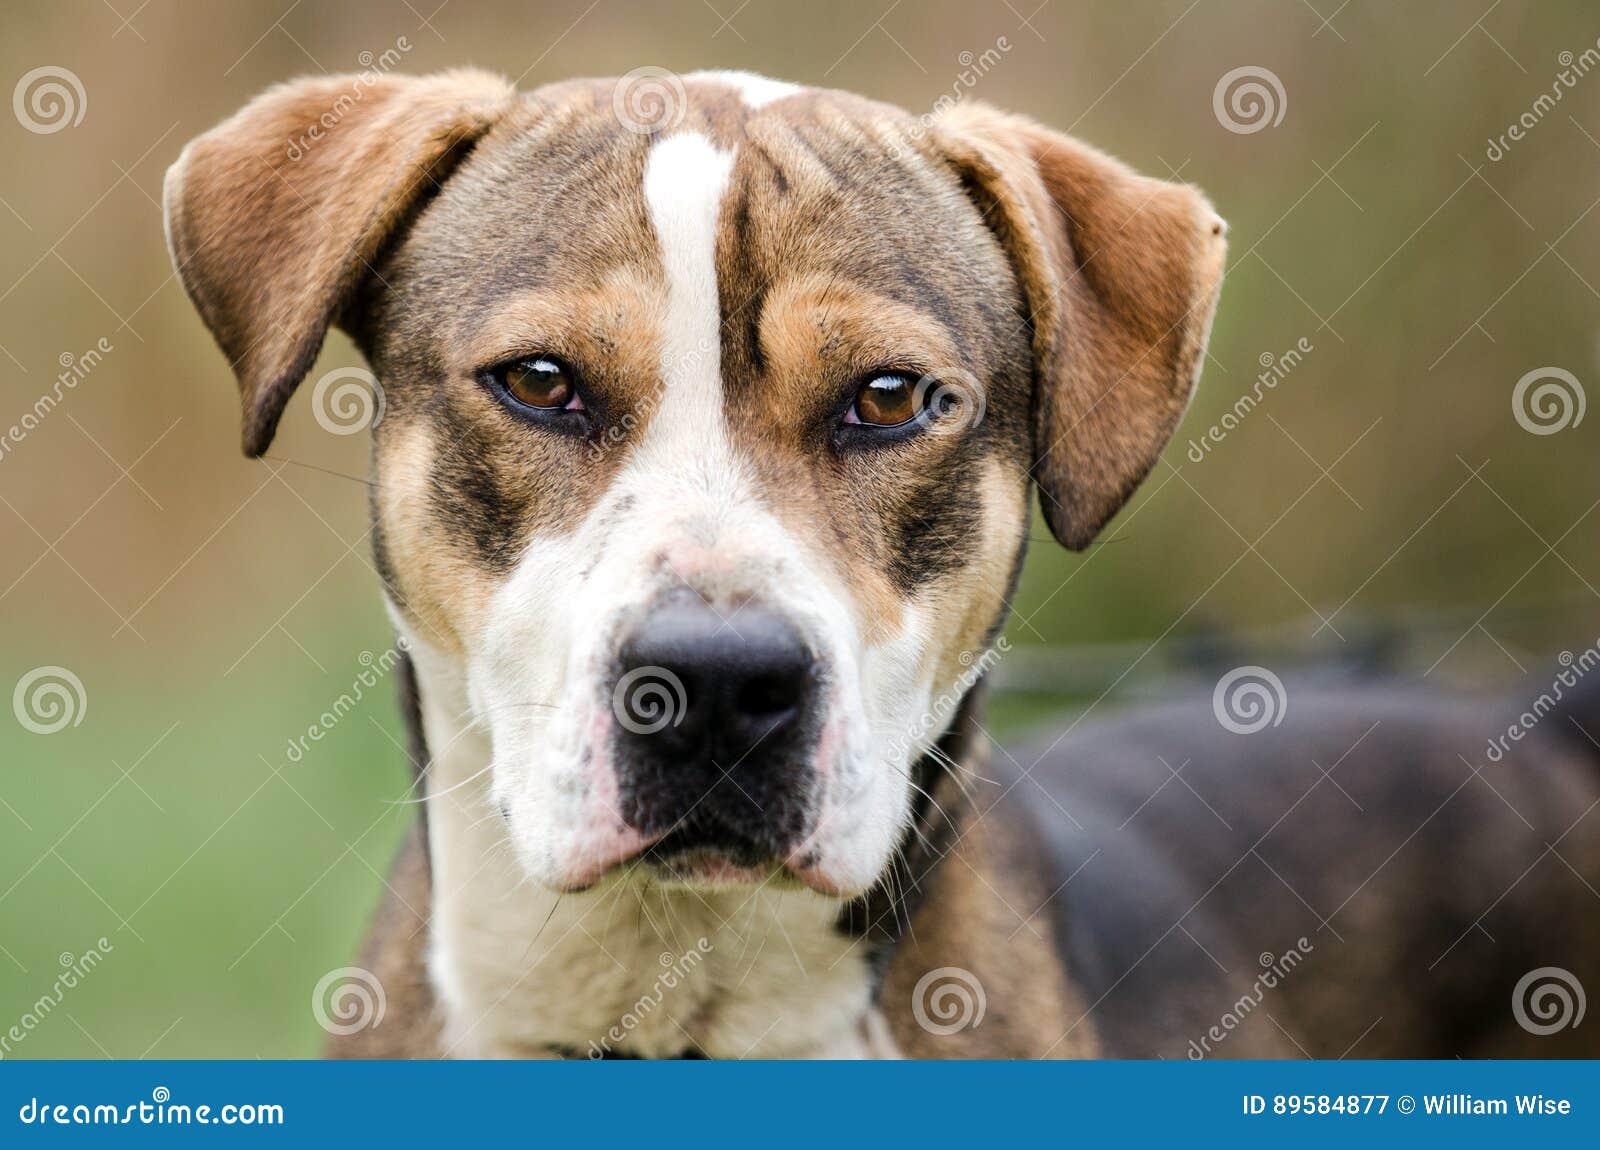 Hound Mixed Breed Dog Adoption Portrait Stock Image Image